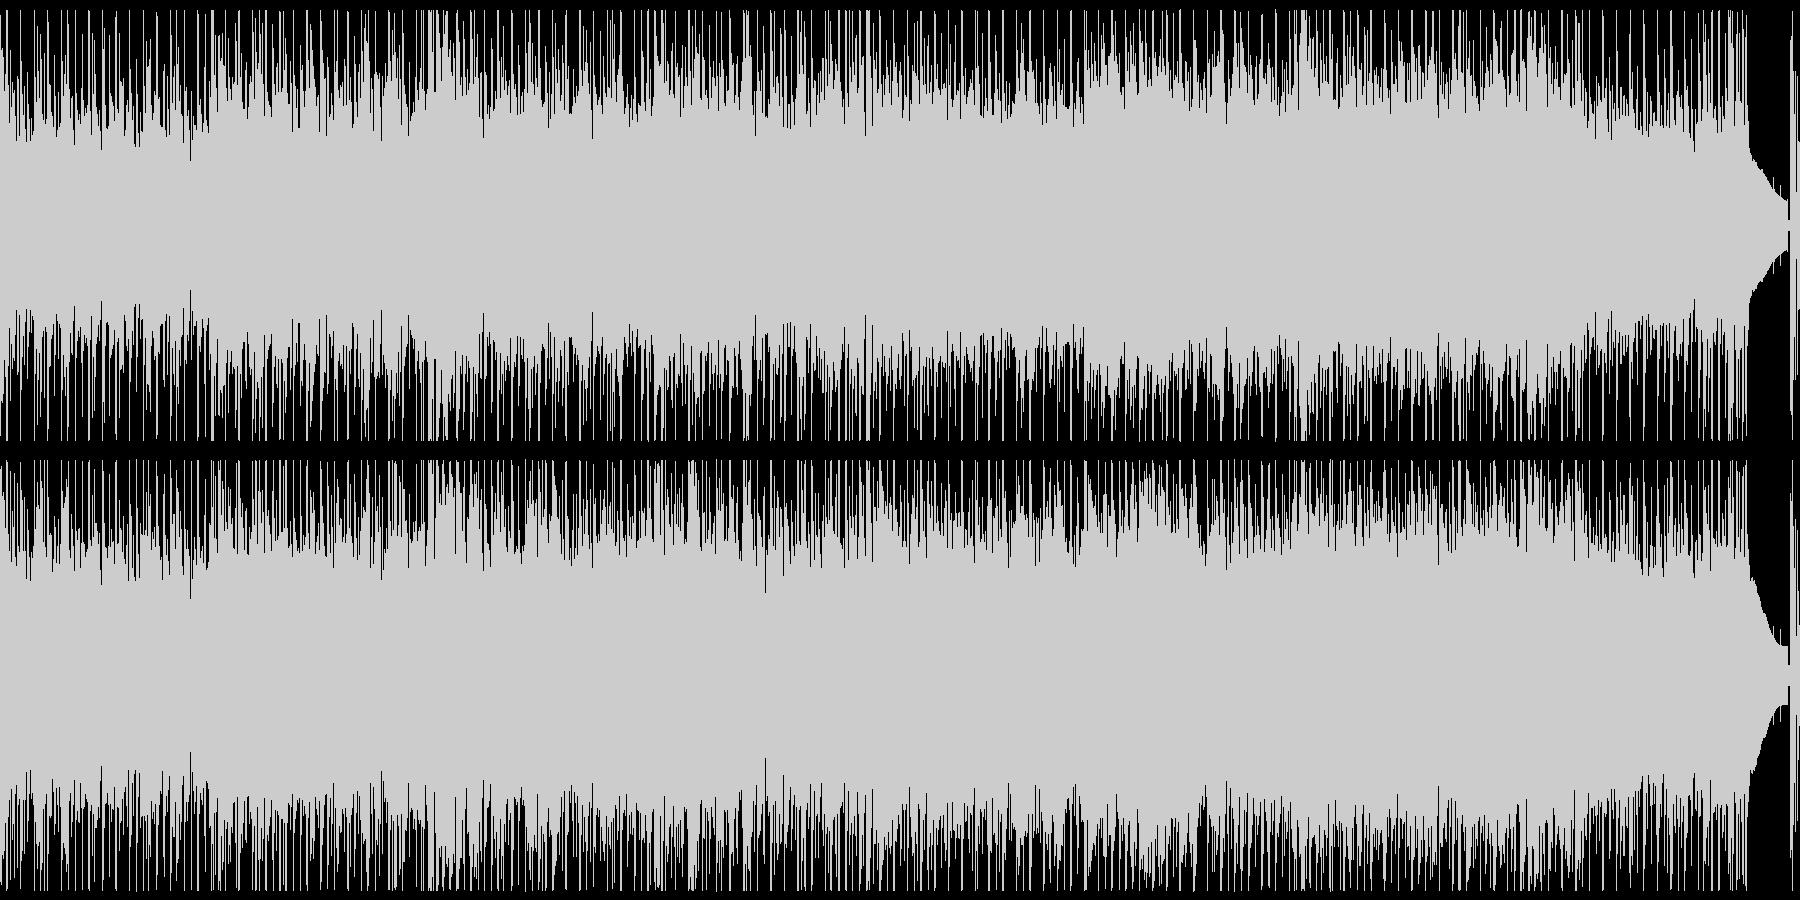 アコギ・流れるような穏やかな日常系BGMの未再生の波形